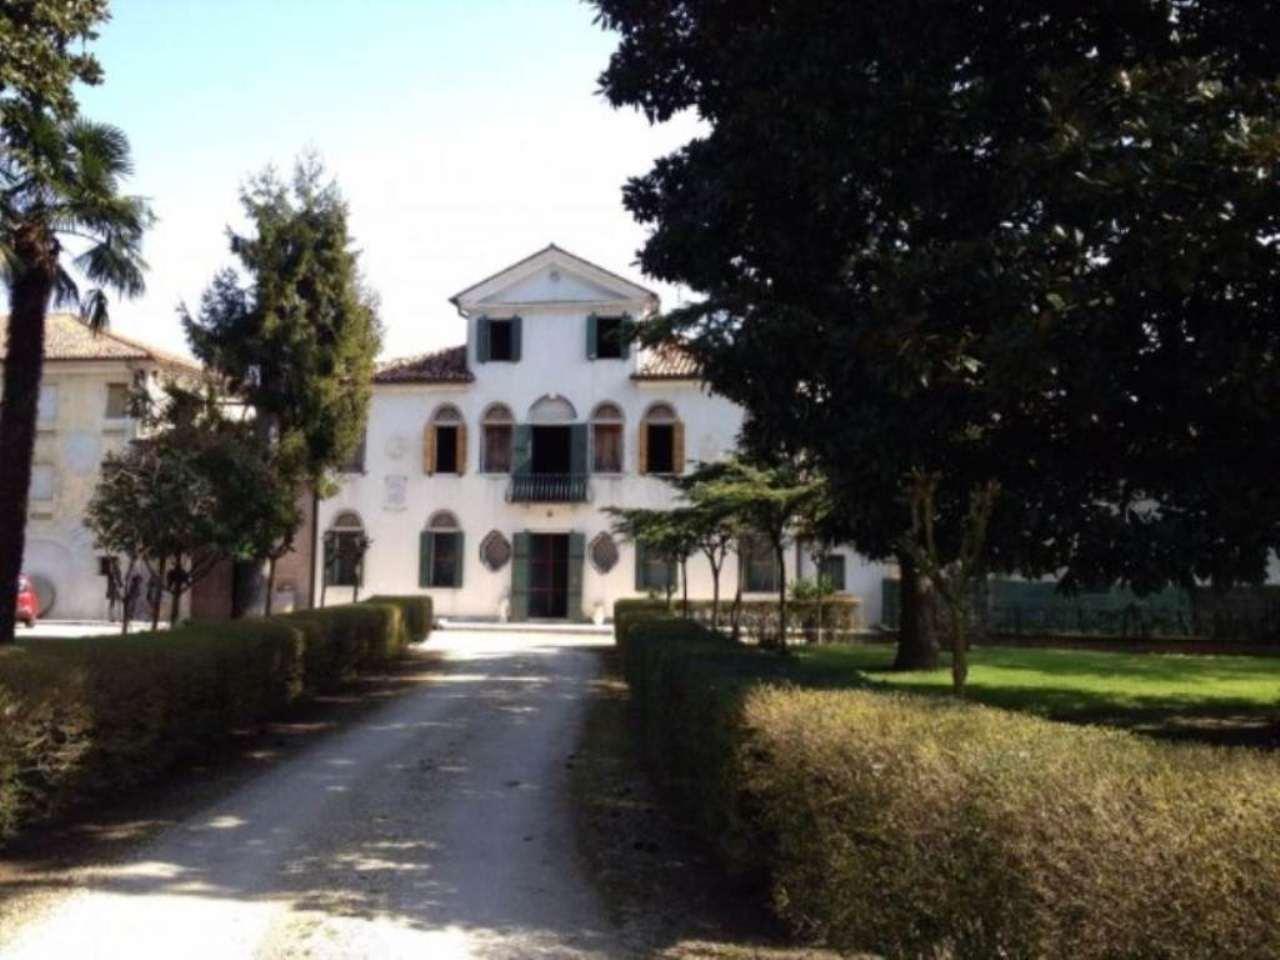 Villa in vendita a Fossalta di Piave, 6 locali, Trattative riservate | Cambio Casa.it